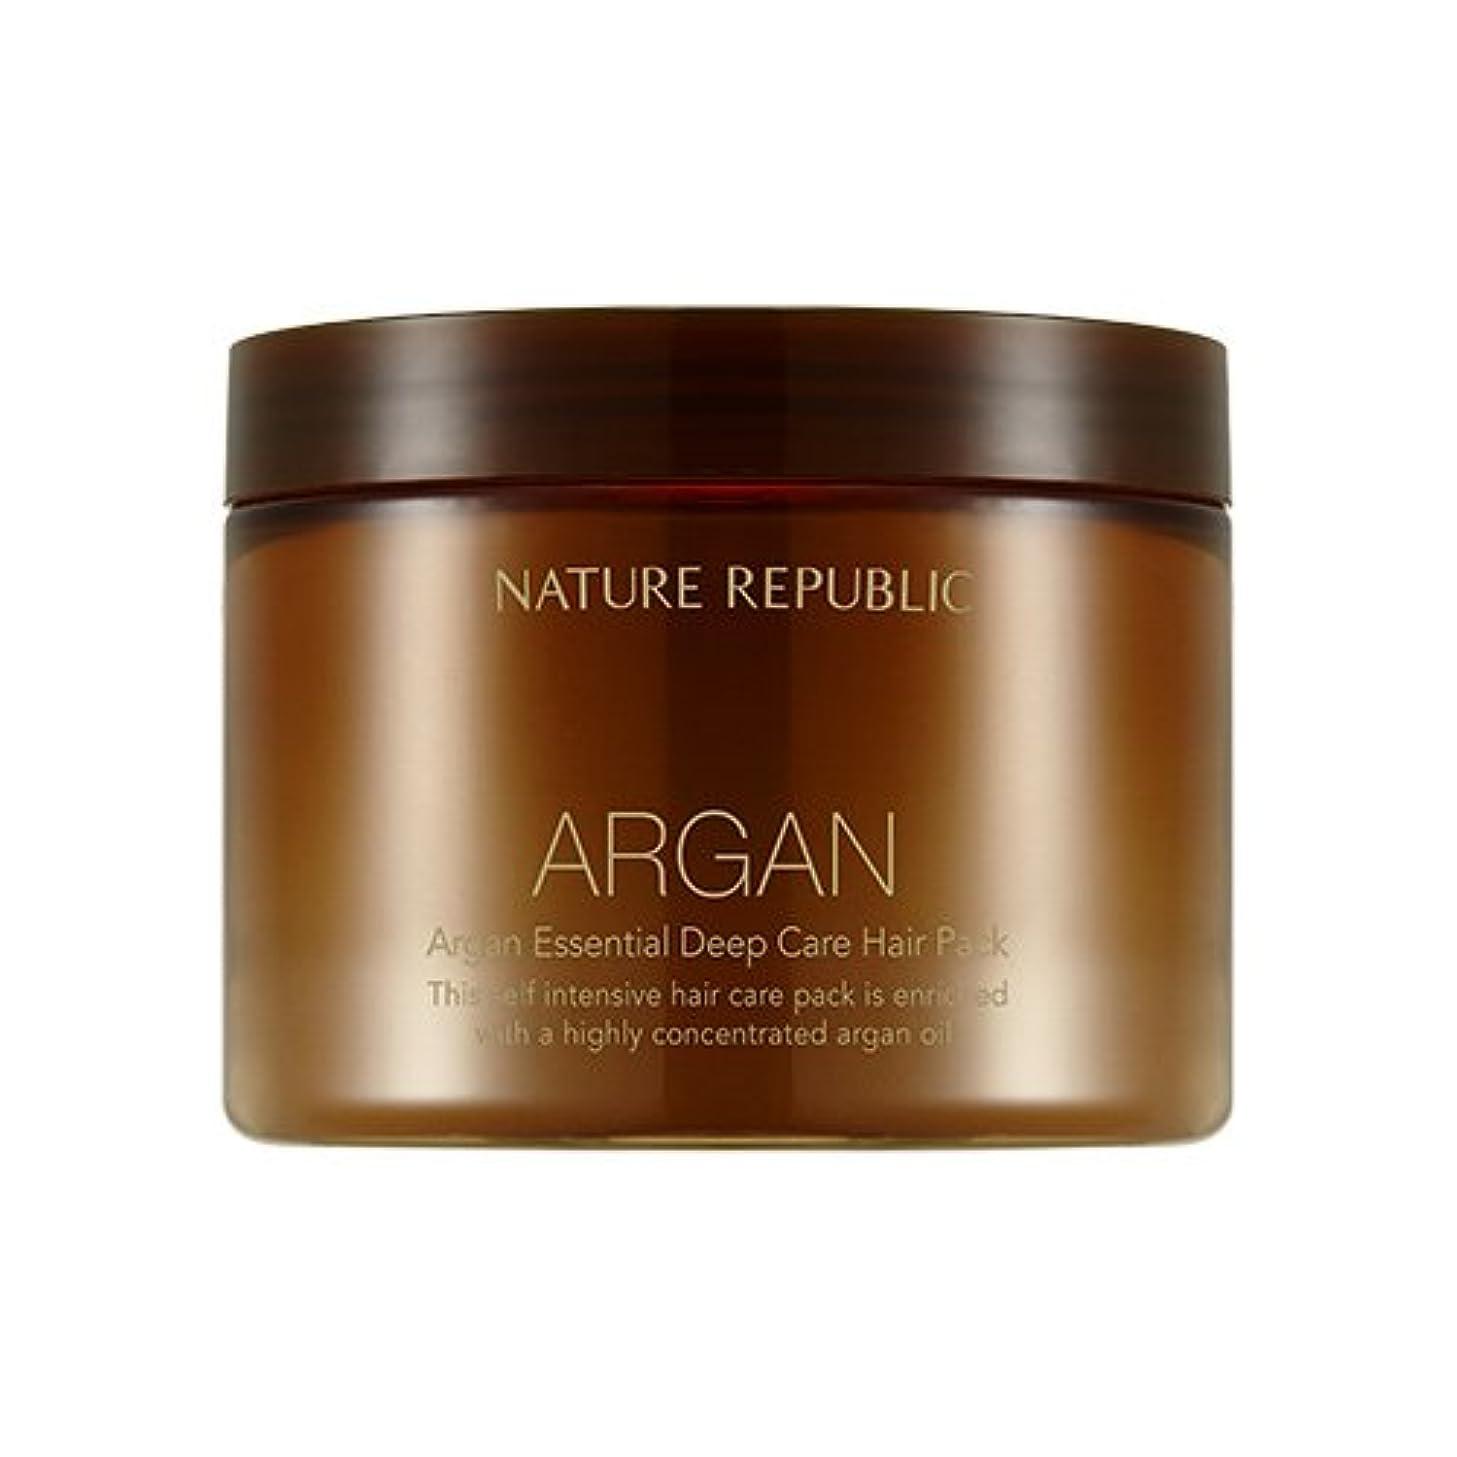 トランザクション閉じ込めるインドNATURE REPUBLIC Argan Essential Deep Care Hair Pack 470ml ネイチャーリパブリック アルガンエッセンシャルディープケアヘアパック 470ml [並行輸入品]